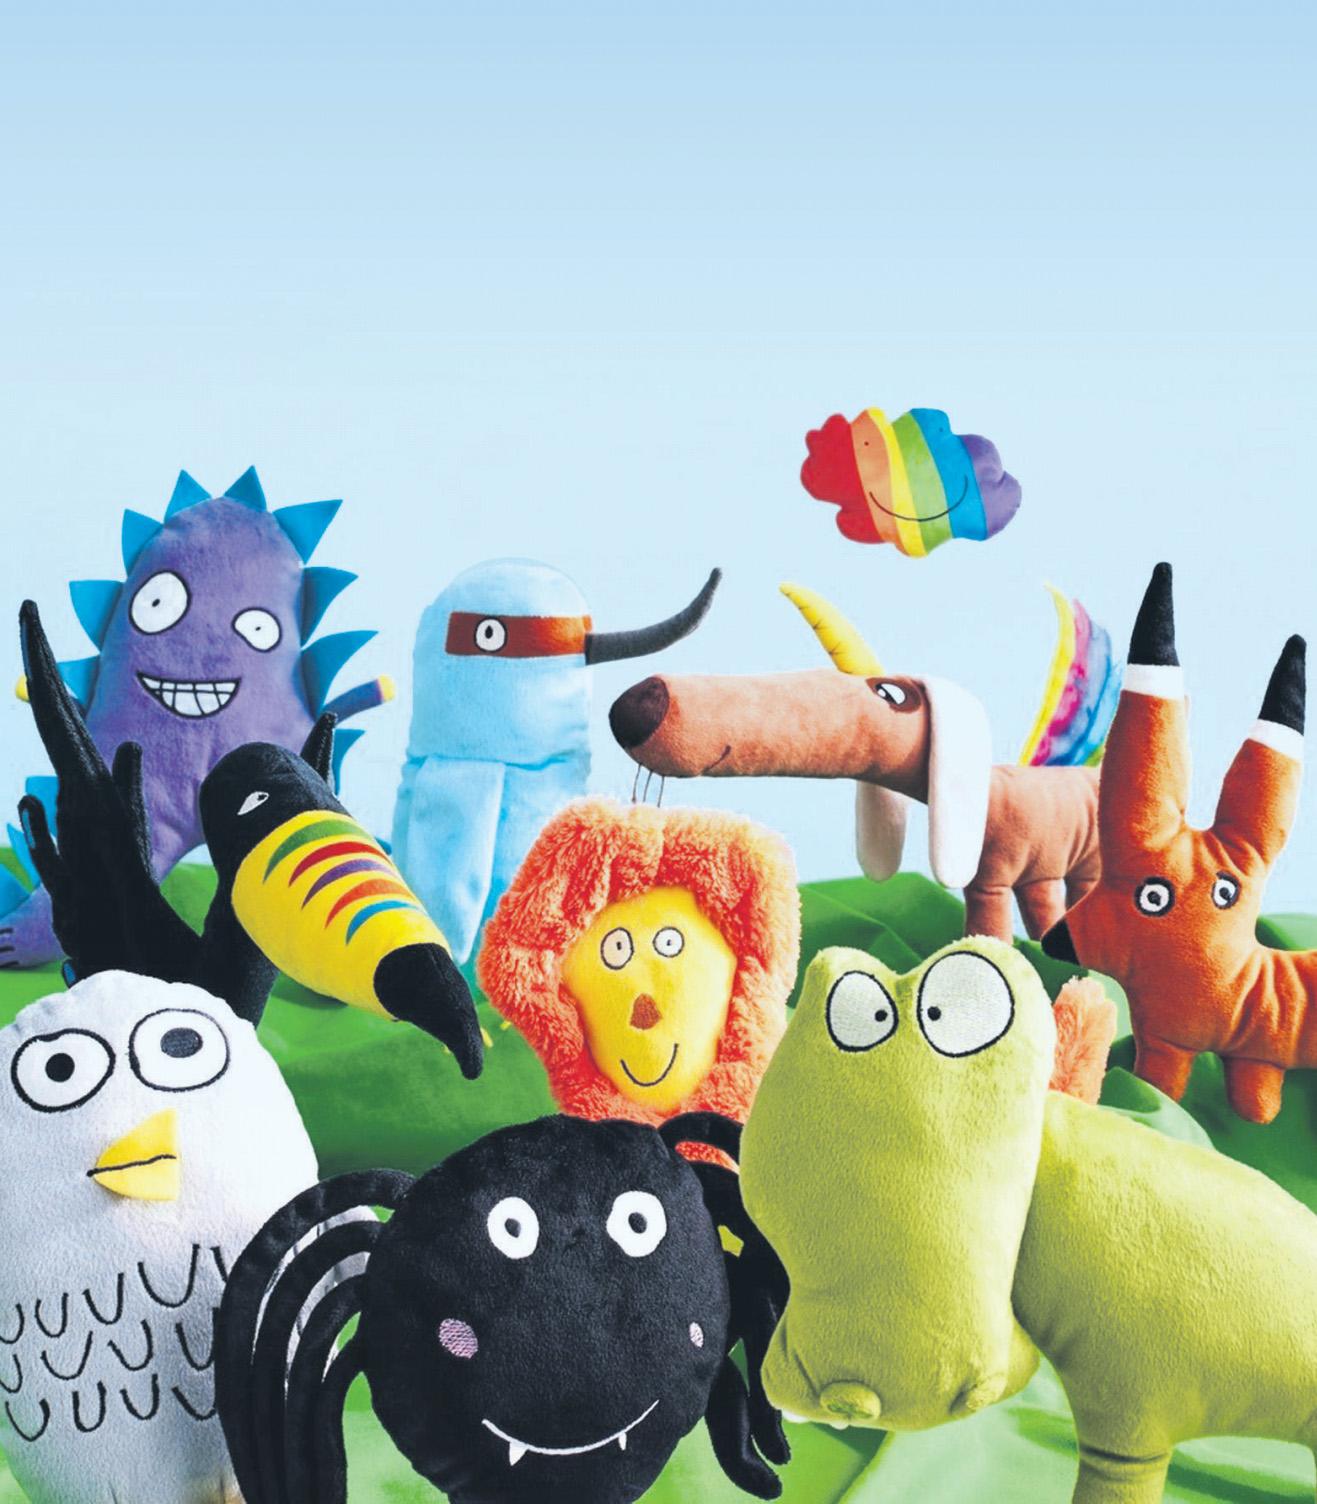 """Kunterbunte Kumpels. Die lustigen Gesellen der """"Sagoskatt""""-Serie von Ikea entstehen seit 2015 bei einem jährlichen Malwettbewerb für Kinder. Den Erlös aus ihrem Verkauf bekommt Save the Children."""